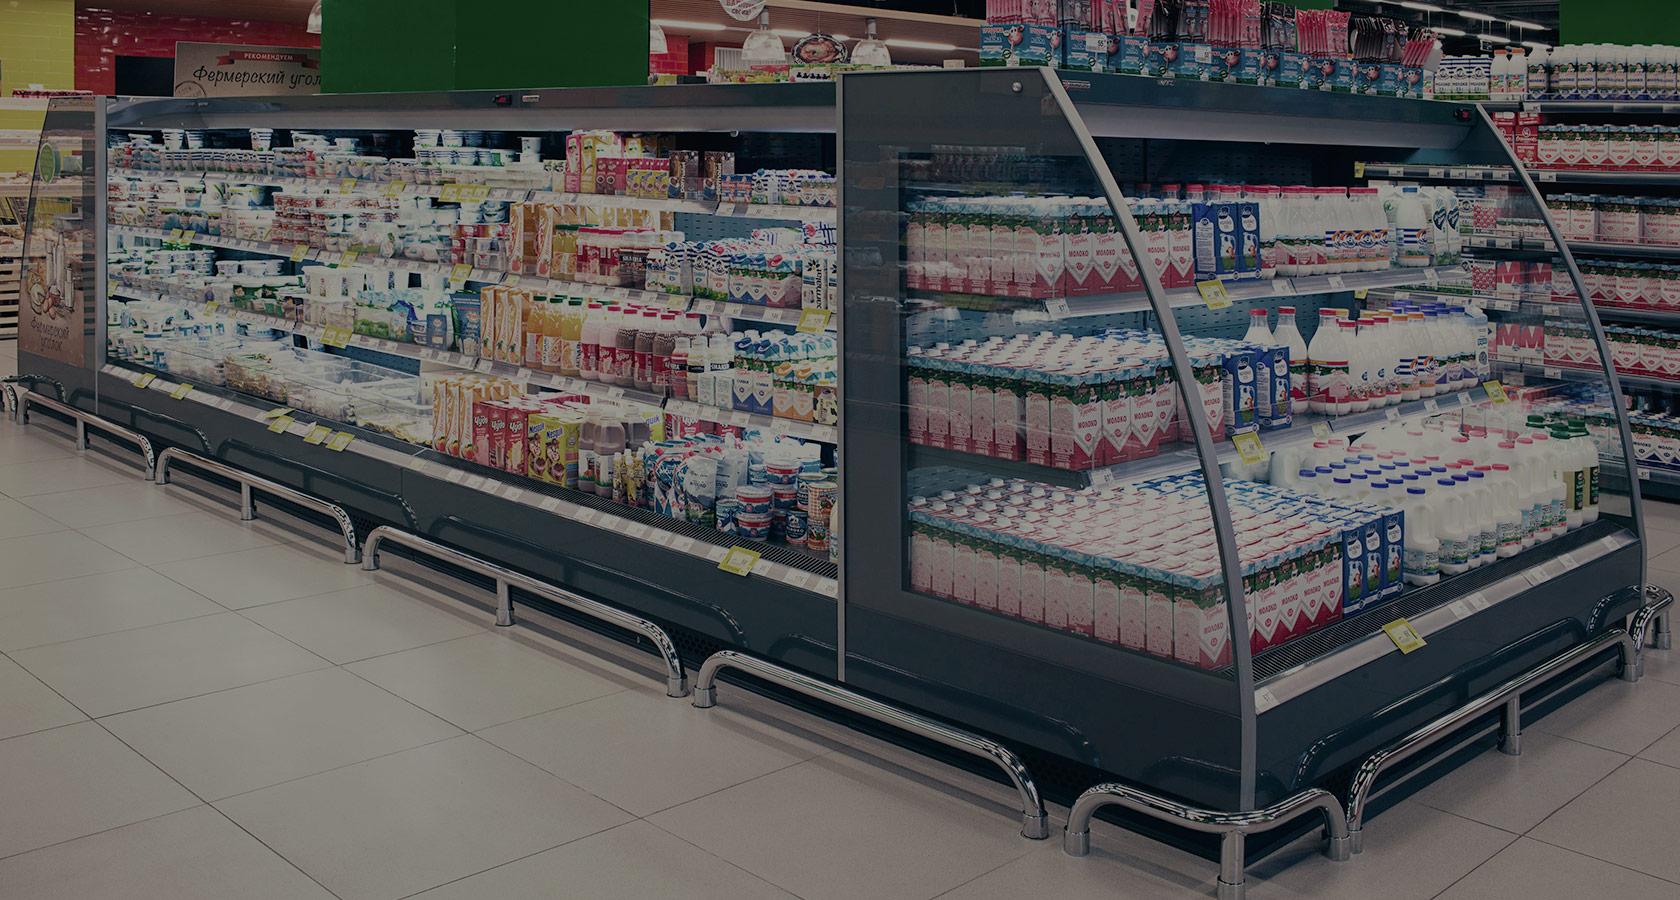 Холодильные горки в супермаркете перекресток, Владимир